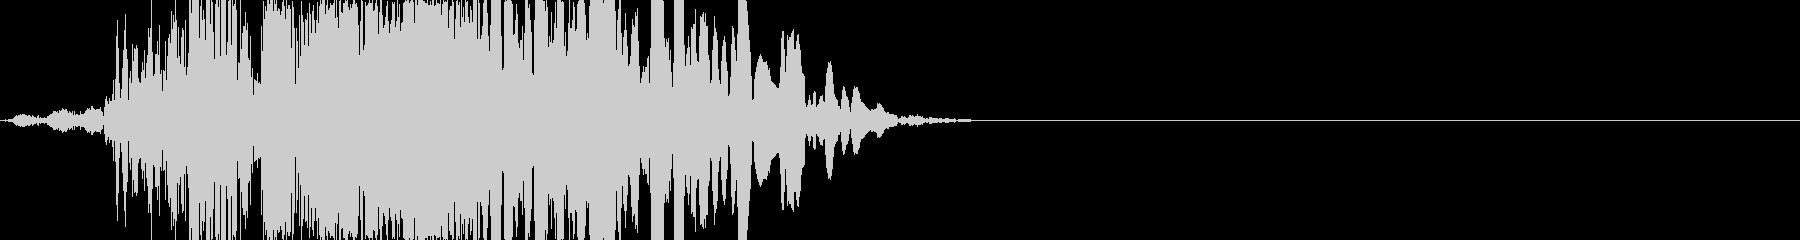 重いパンチ(映画風、顔面を殴打)の未再生の波形